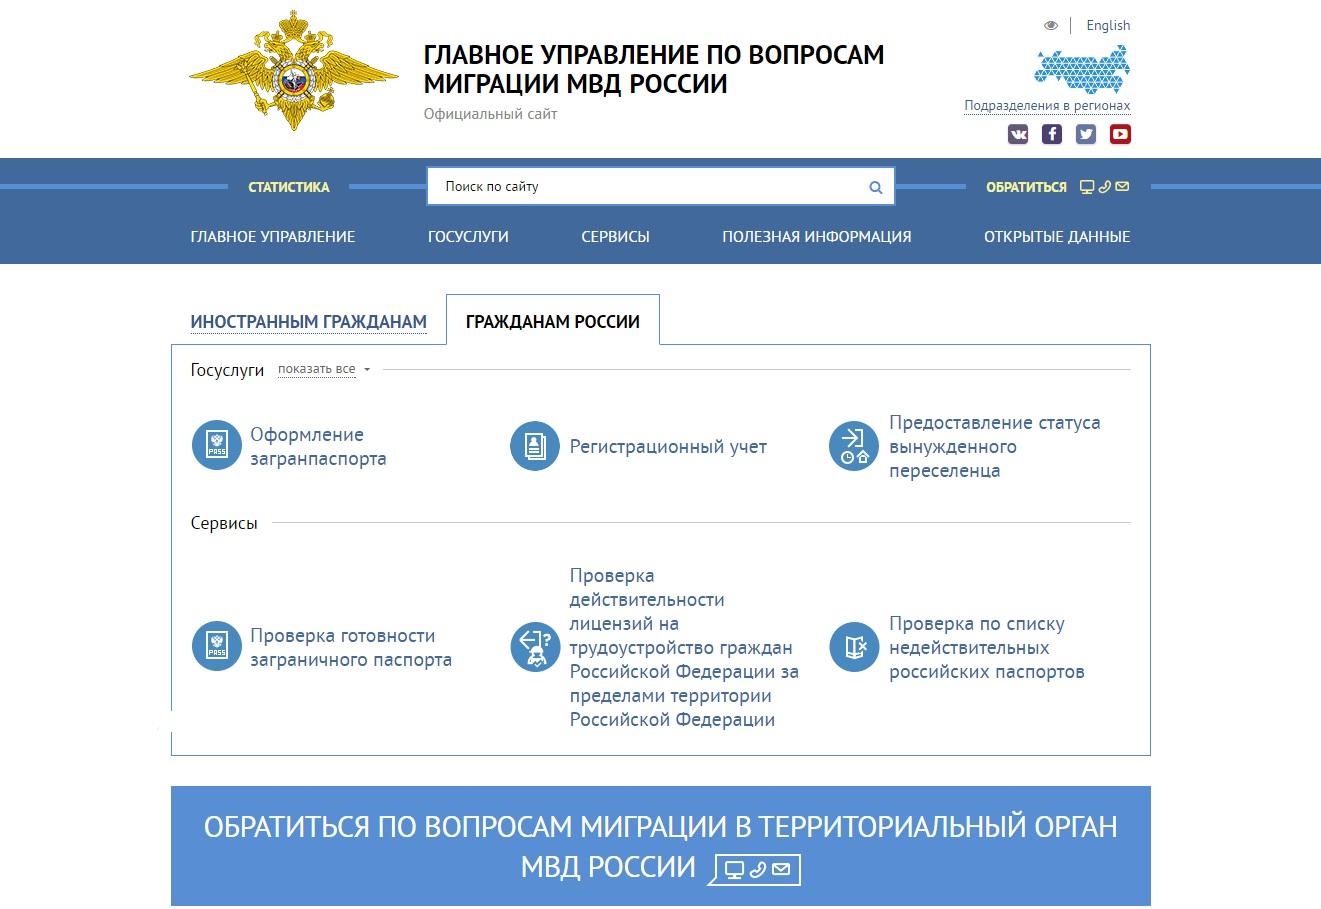 Как проверить готовность паспорта РФ онлайн